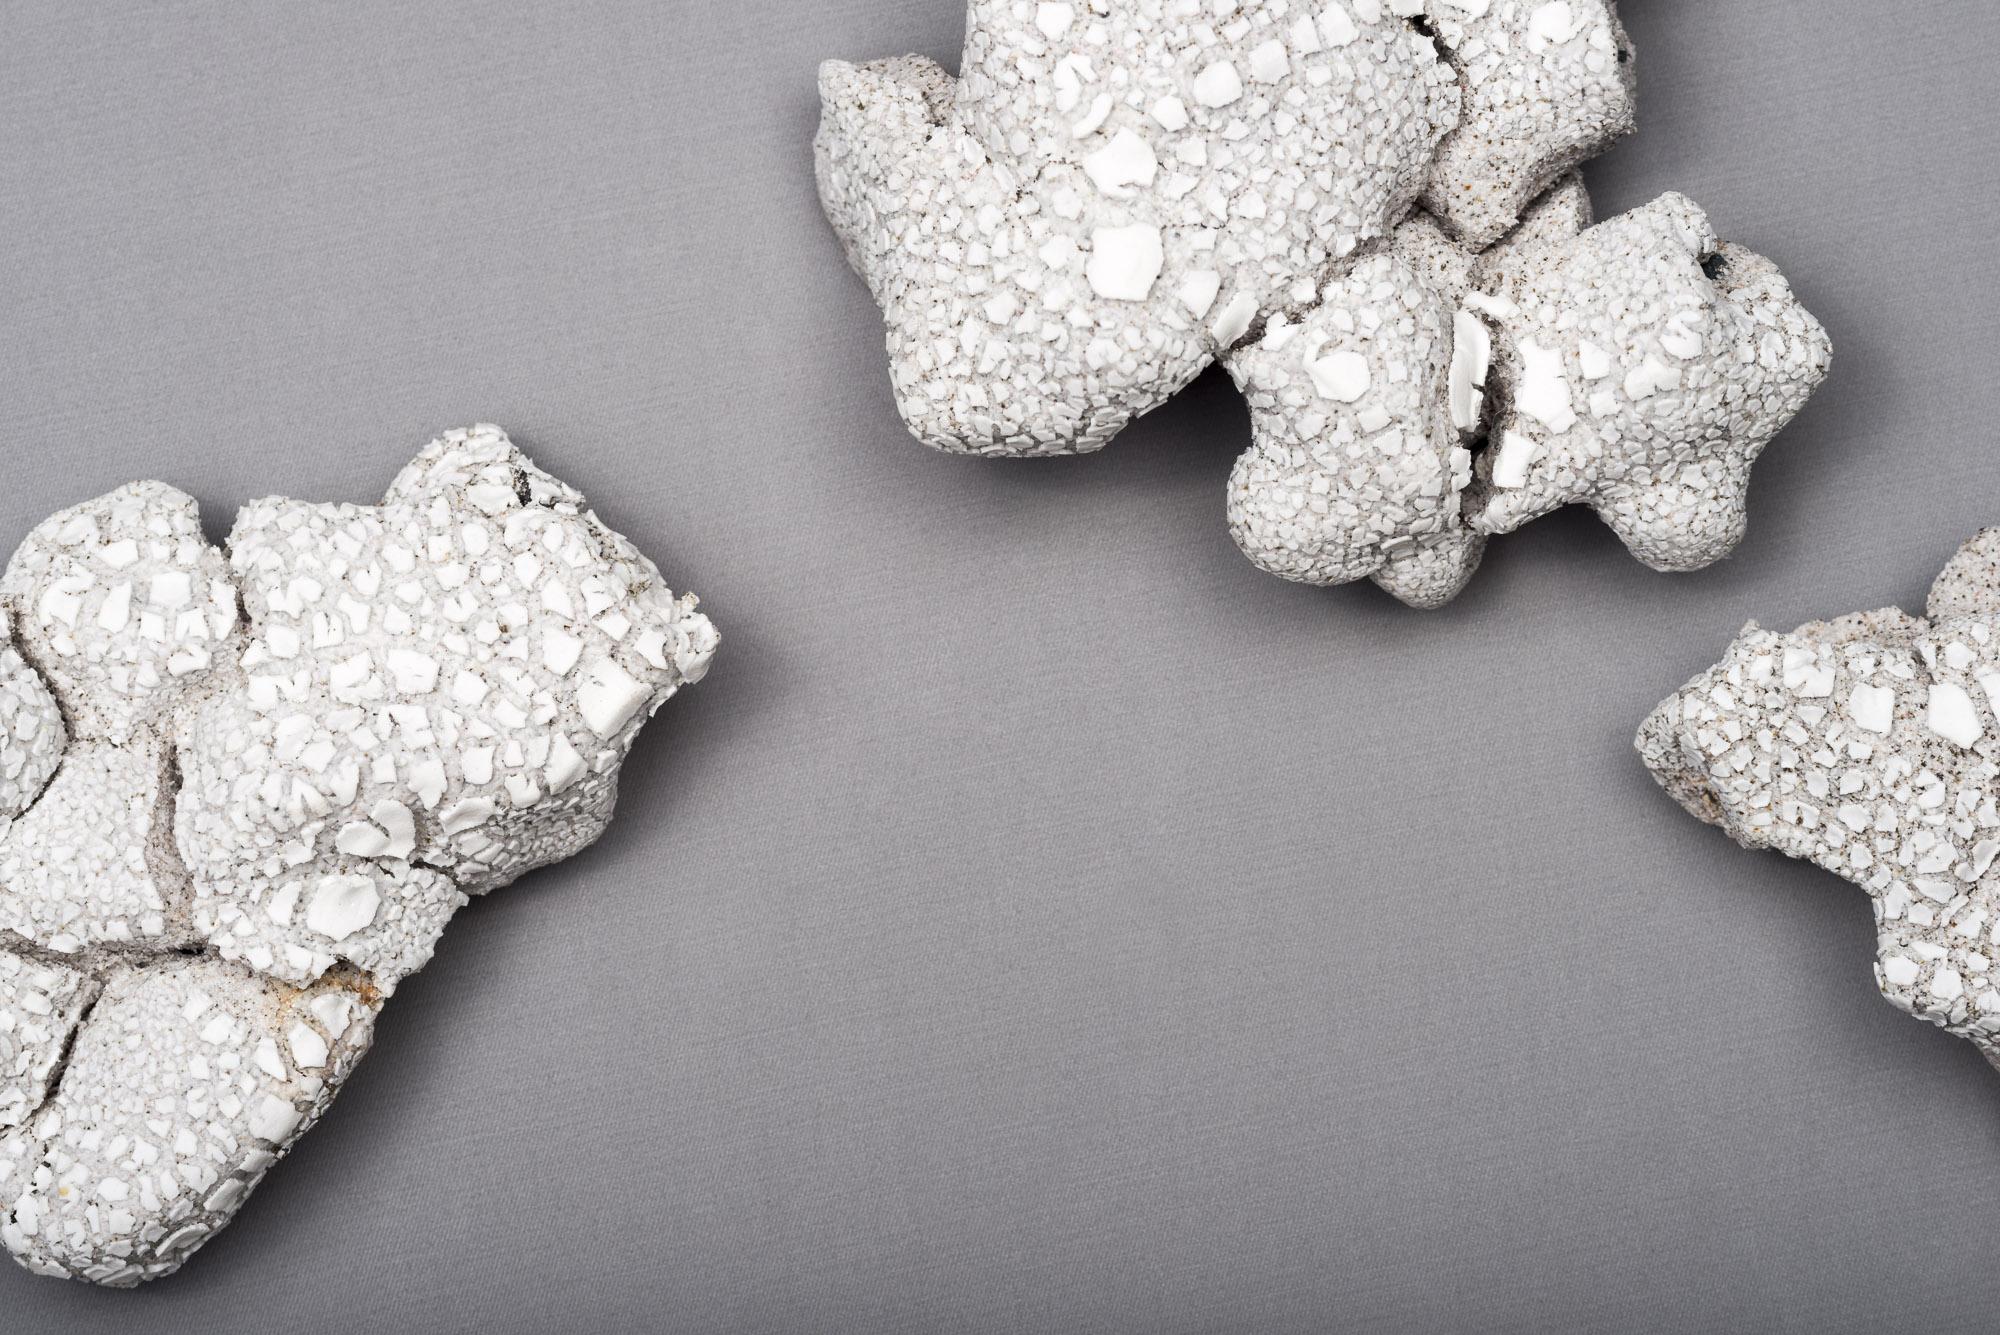 Narelle-White-Ceramics-As-Yet-VI.jpg